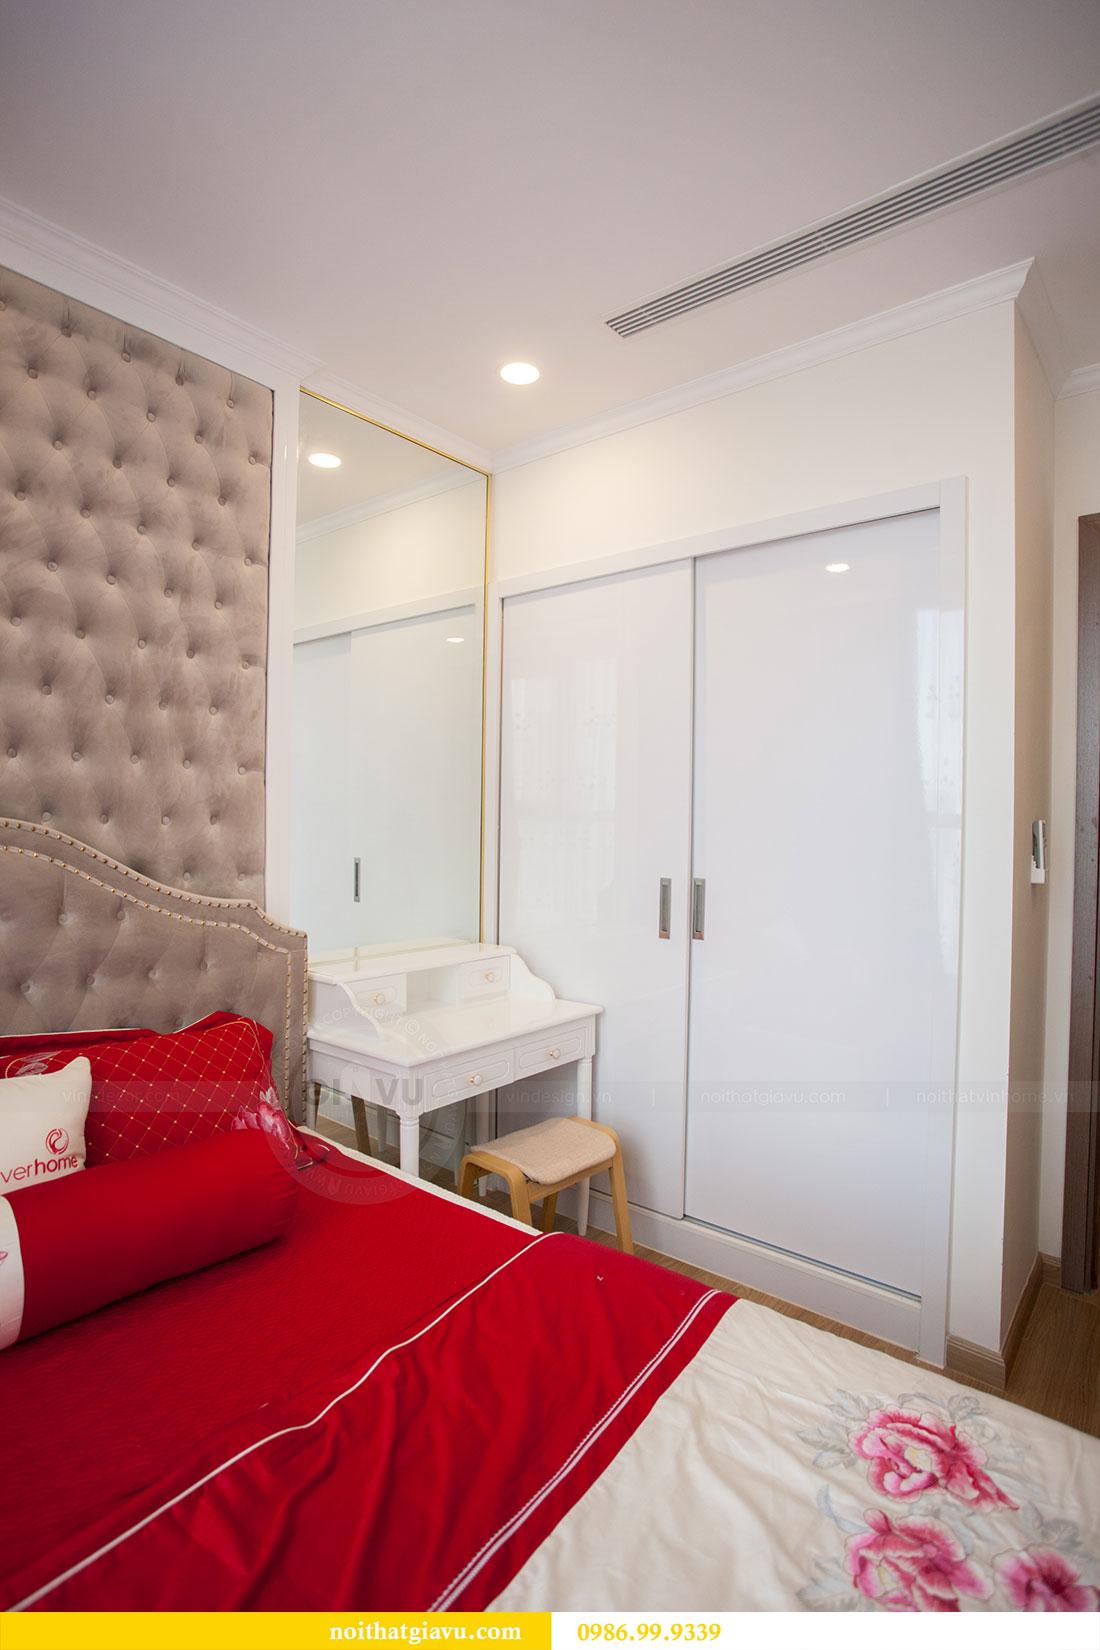 Thi công hoàn thiện nội thất chung cư Gardenia căn 21 tòa A3 13